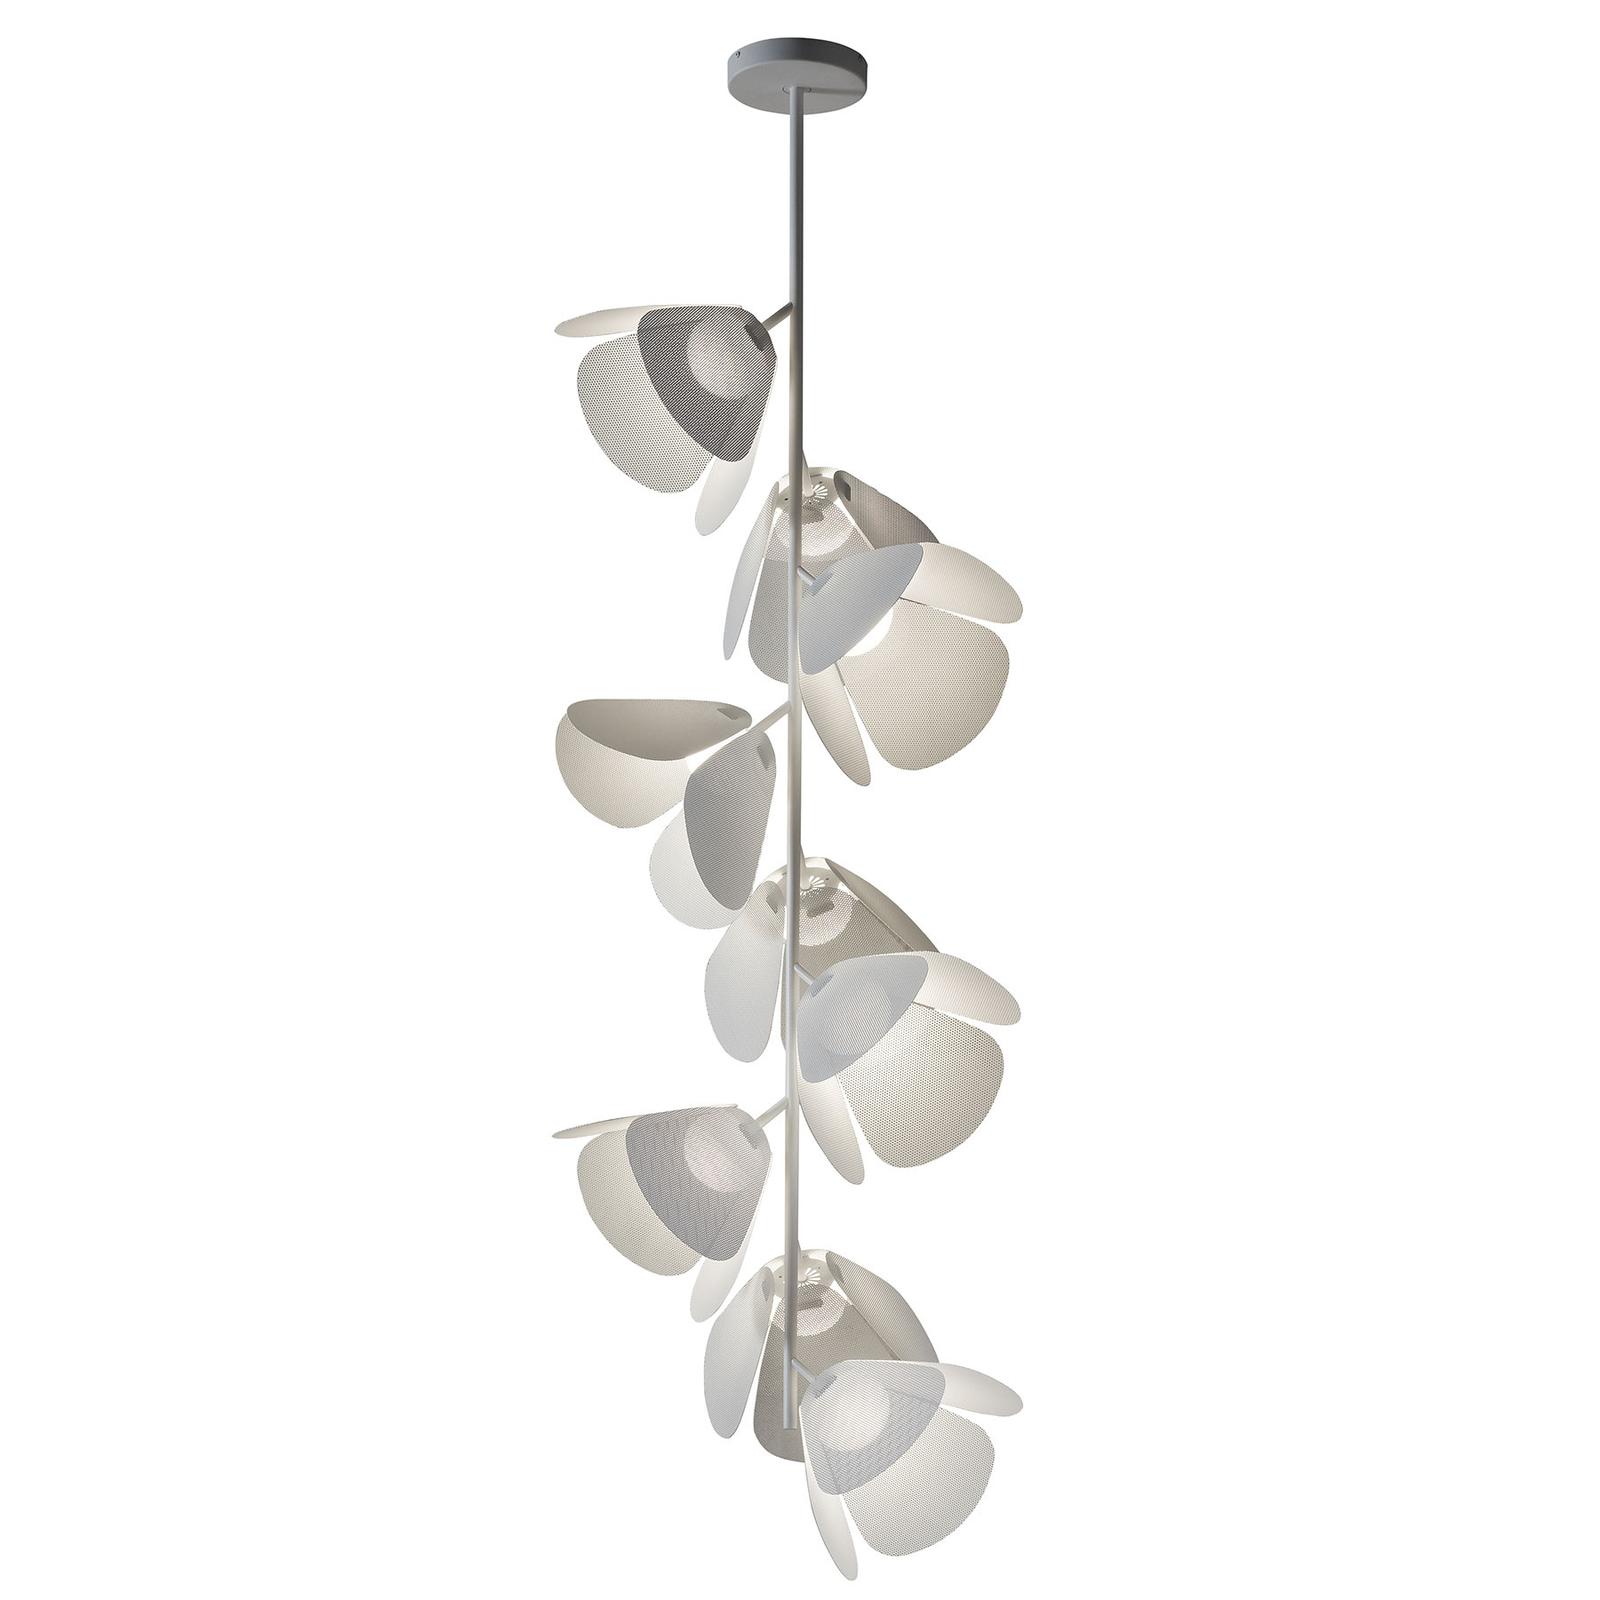 Bover Mod PF/73/9L LED-loftlampe, hvid, perforeret